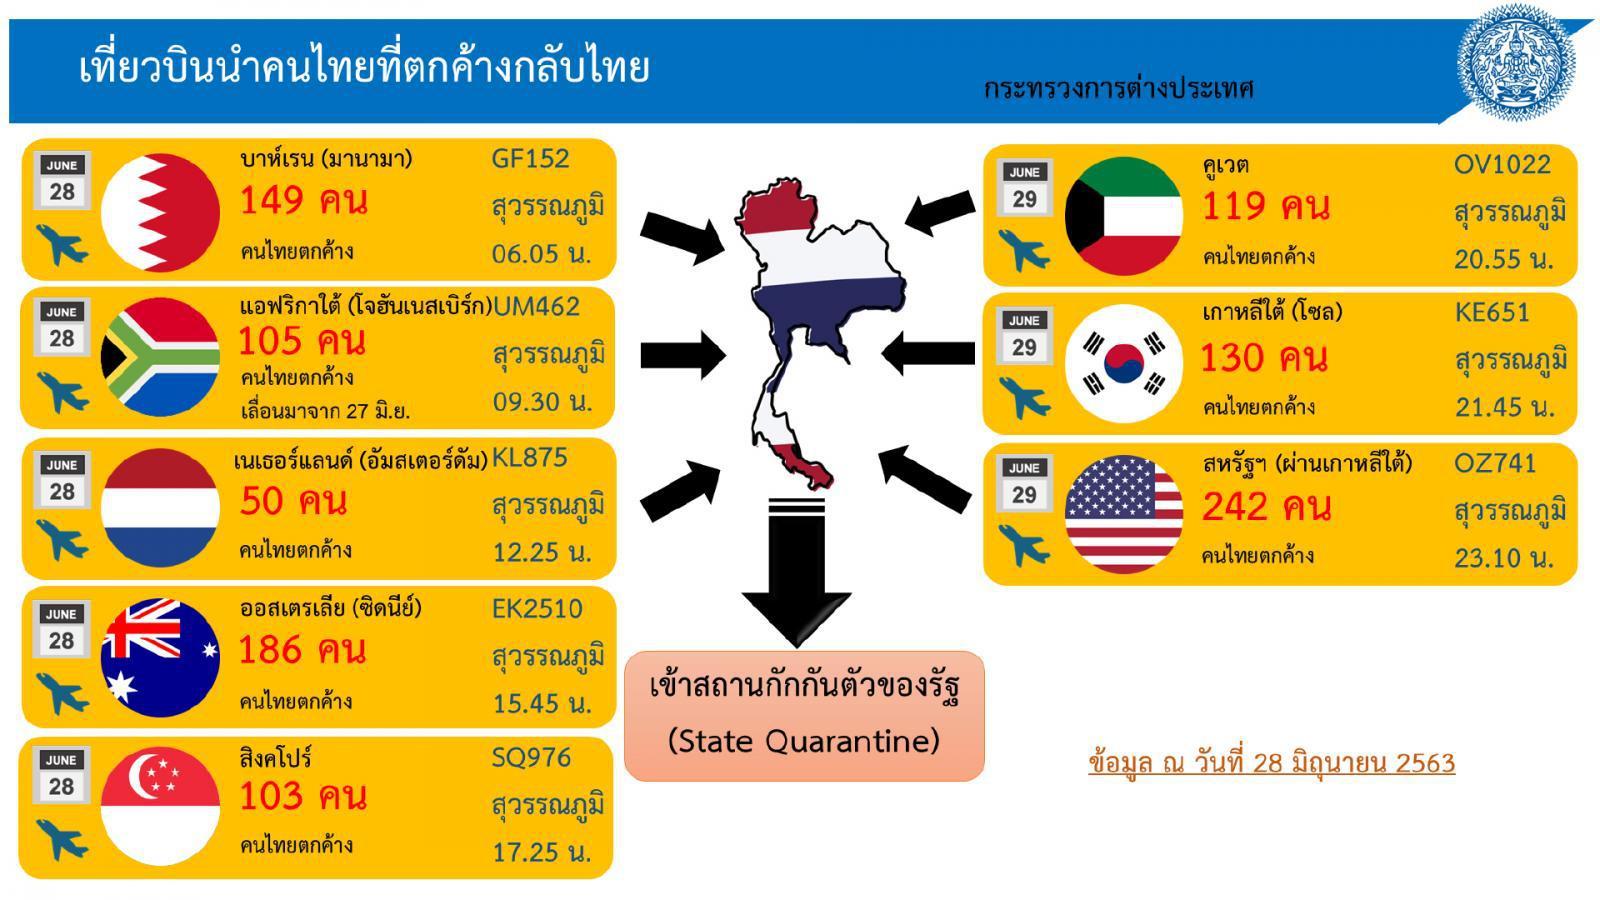 คนไทยตกค้างต่างแดนกว่า 1 พันคน บินกลับปท. 28 - 29 มิ.ย. นี้